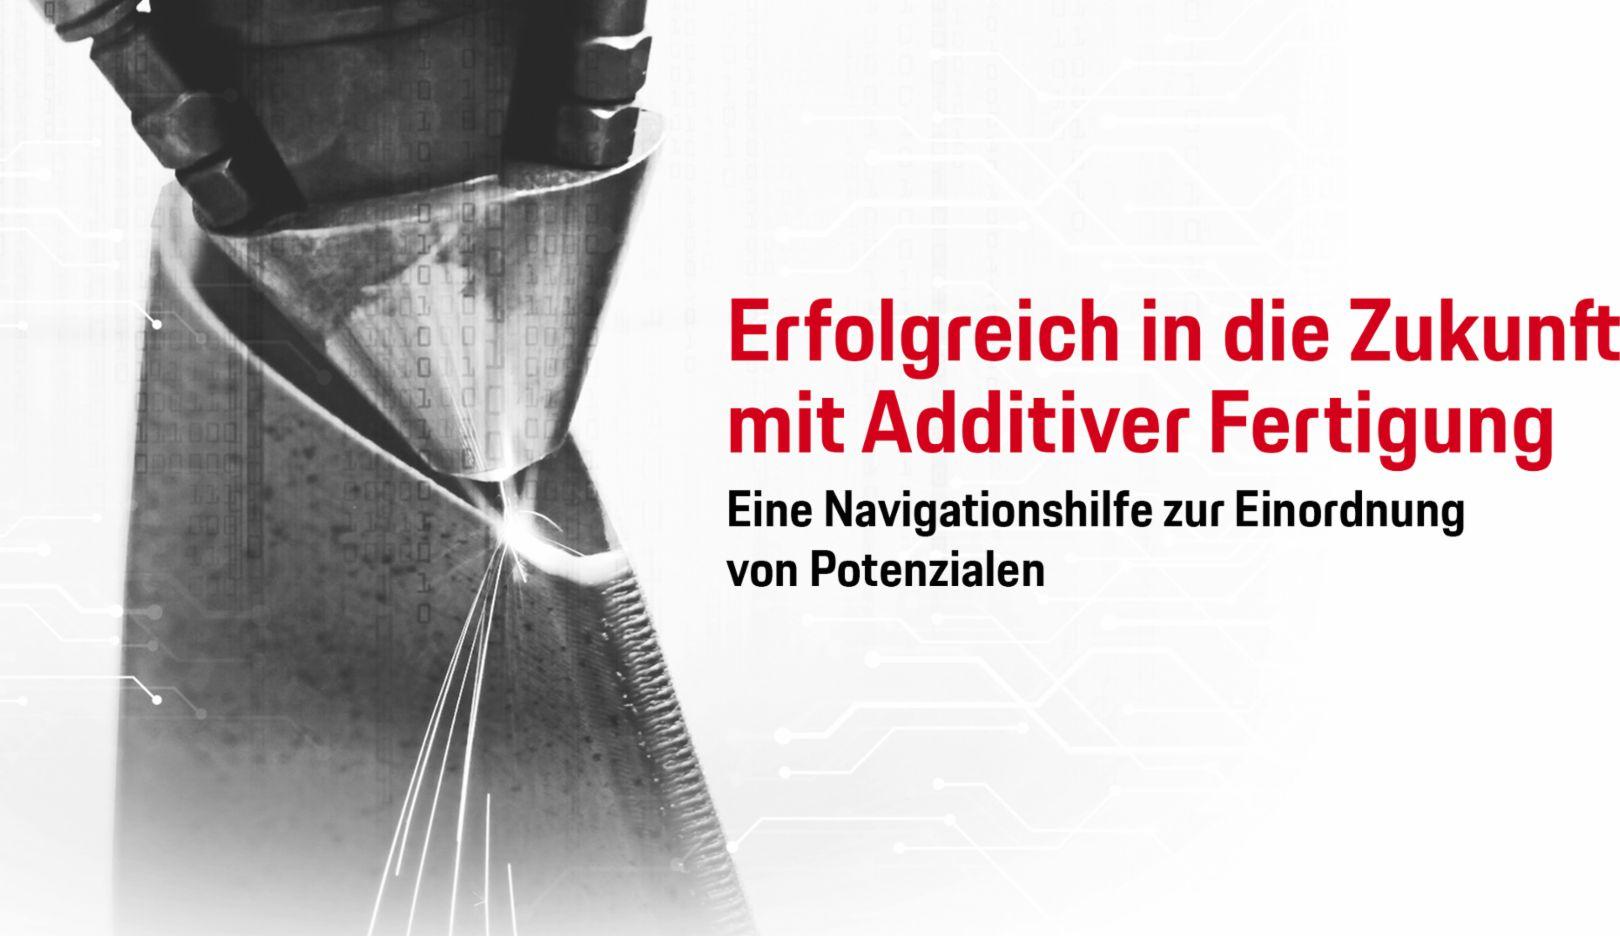 Erfolgreich in die Zukunft mit Additiver Fertigung, 2018, Porsche Consulting GmbH